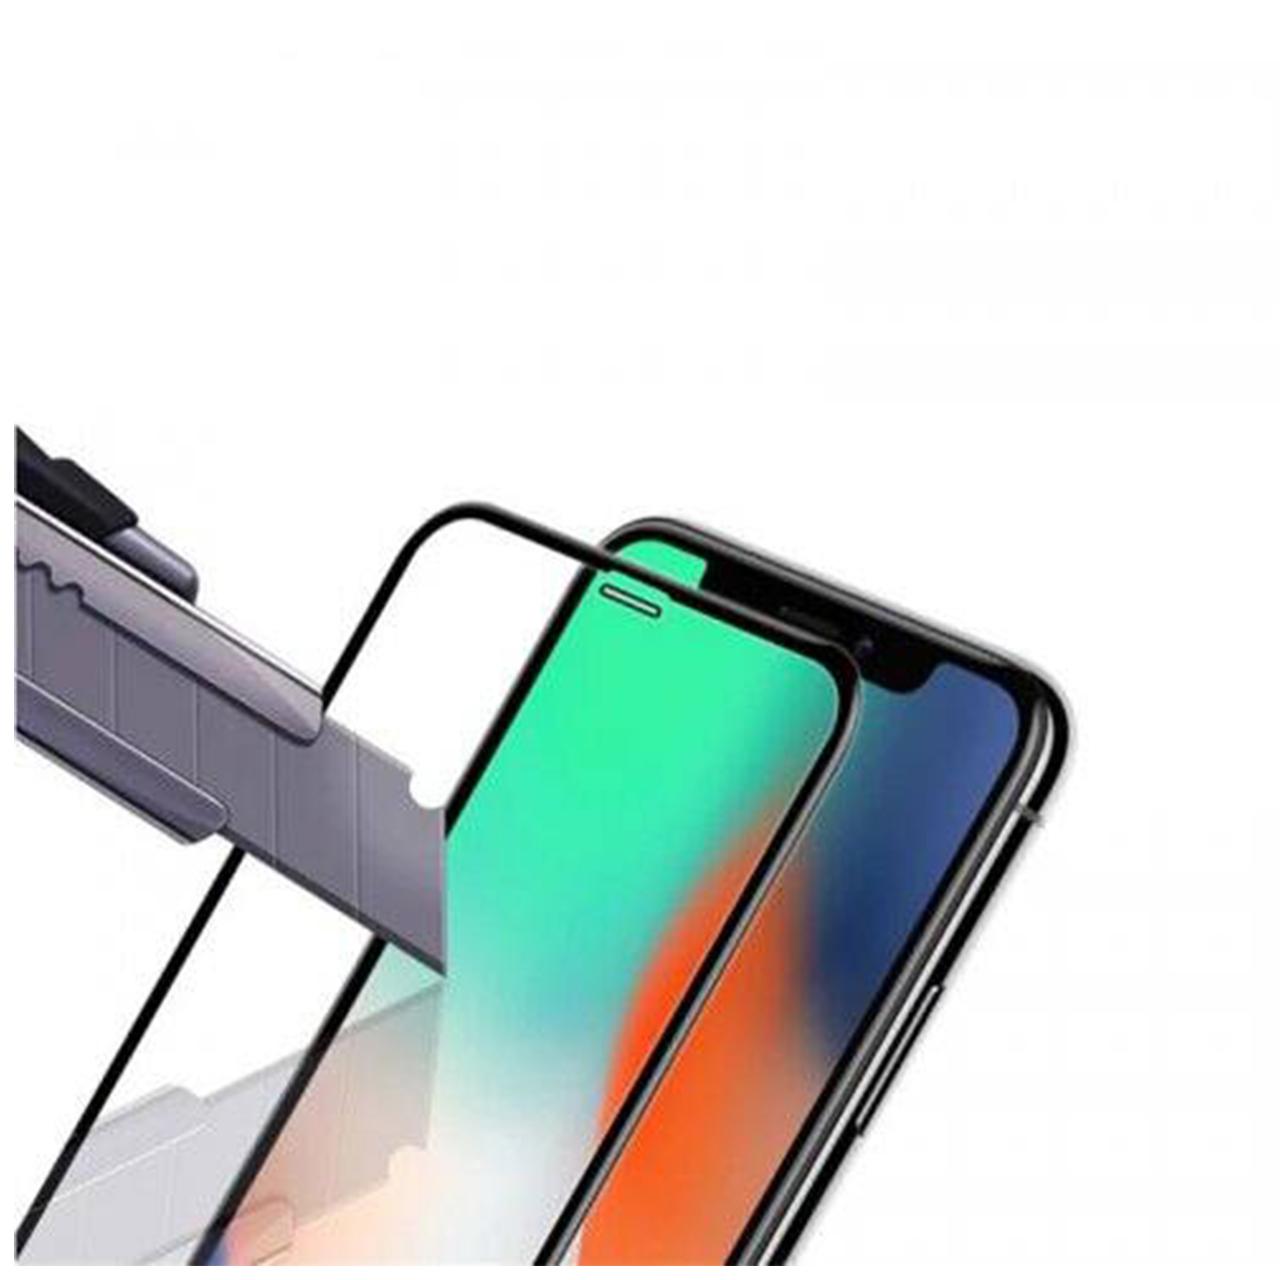 محافظ صفحه نمایش 9D ایبیزا مدل IBI_3 مناسب برای گوشی موبایل اپل Iphone XS بسته سه عددی